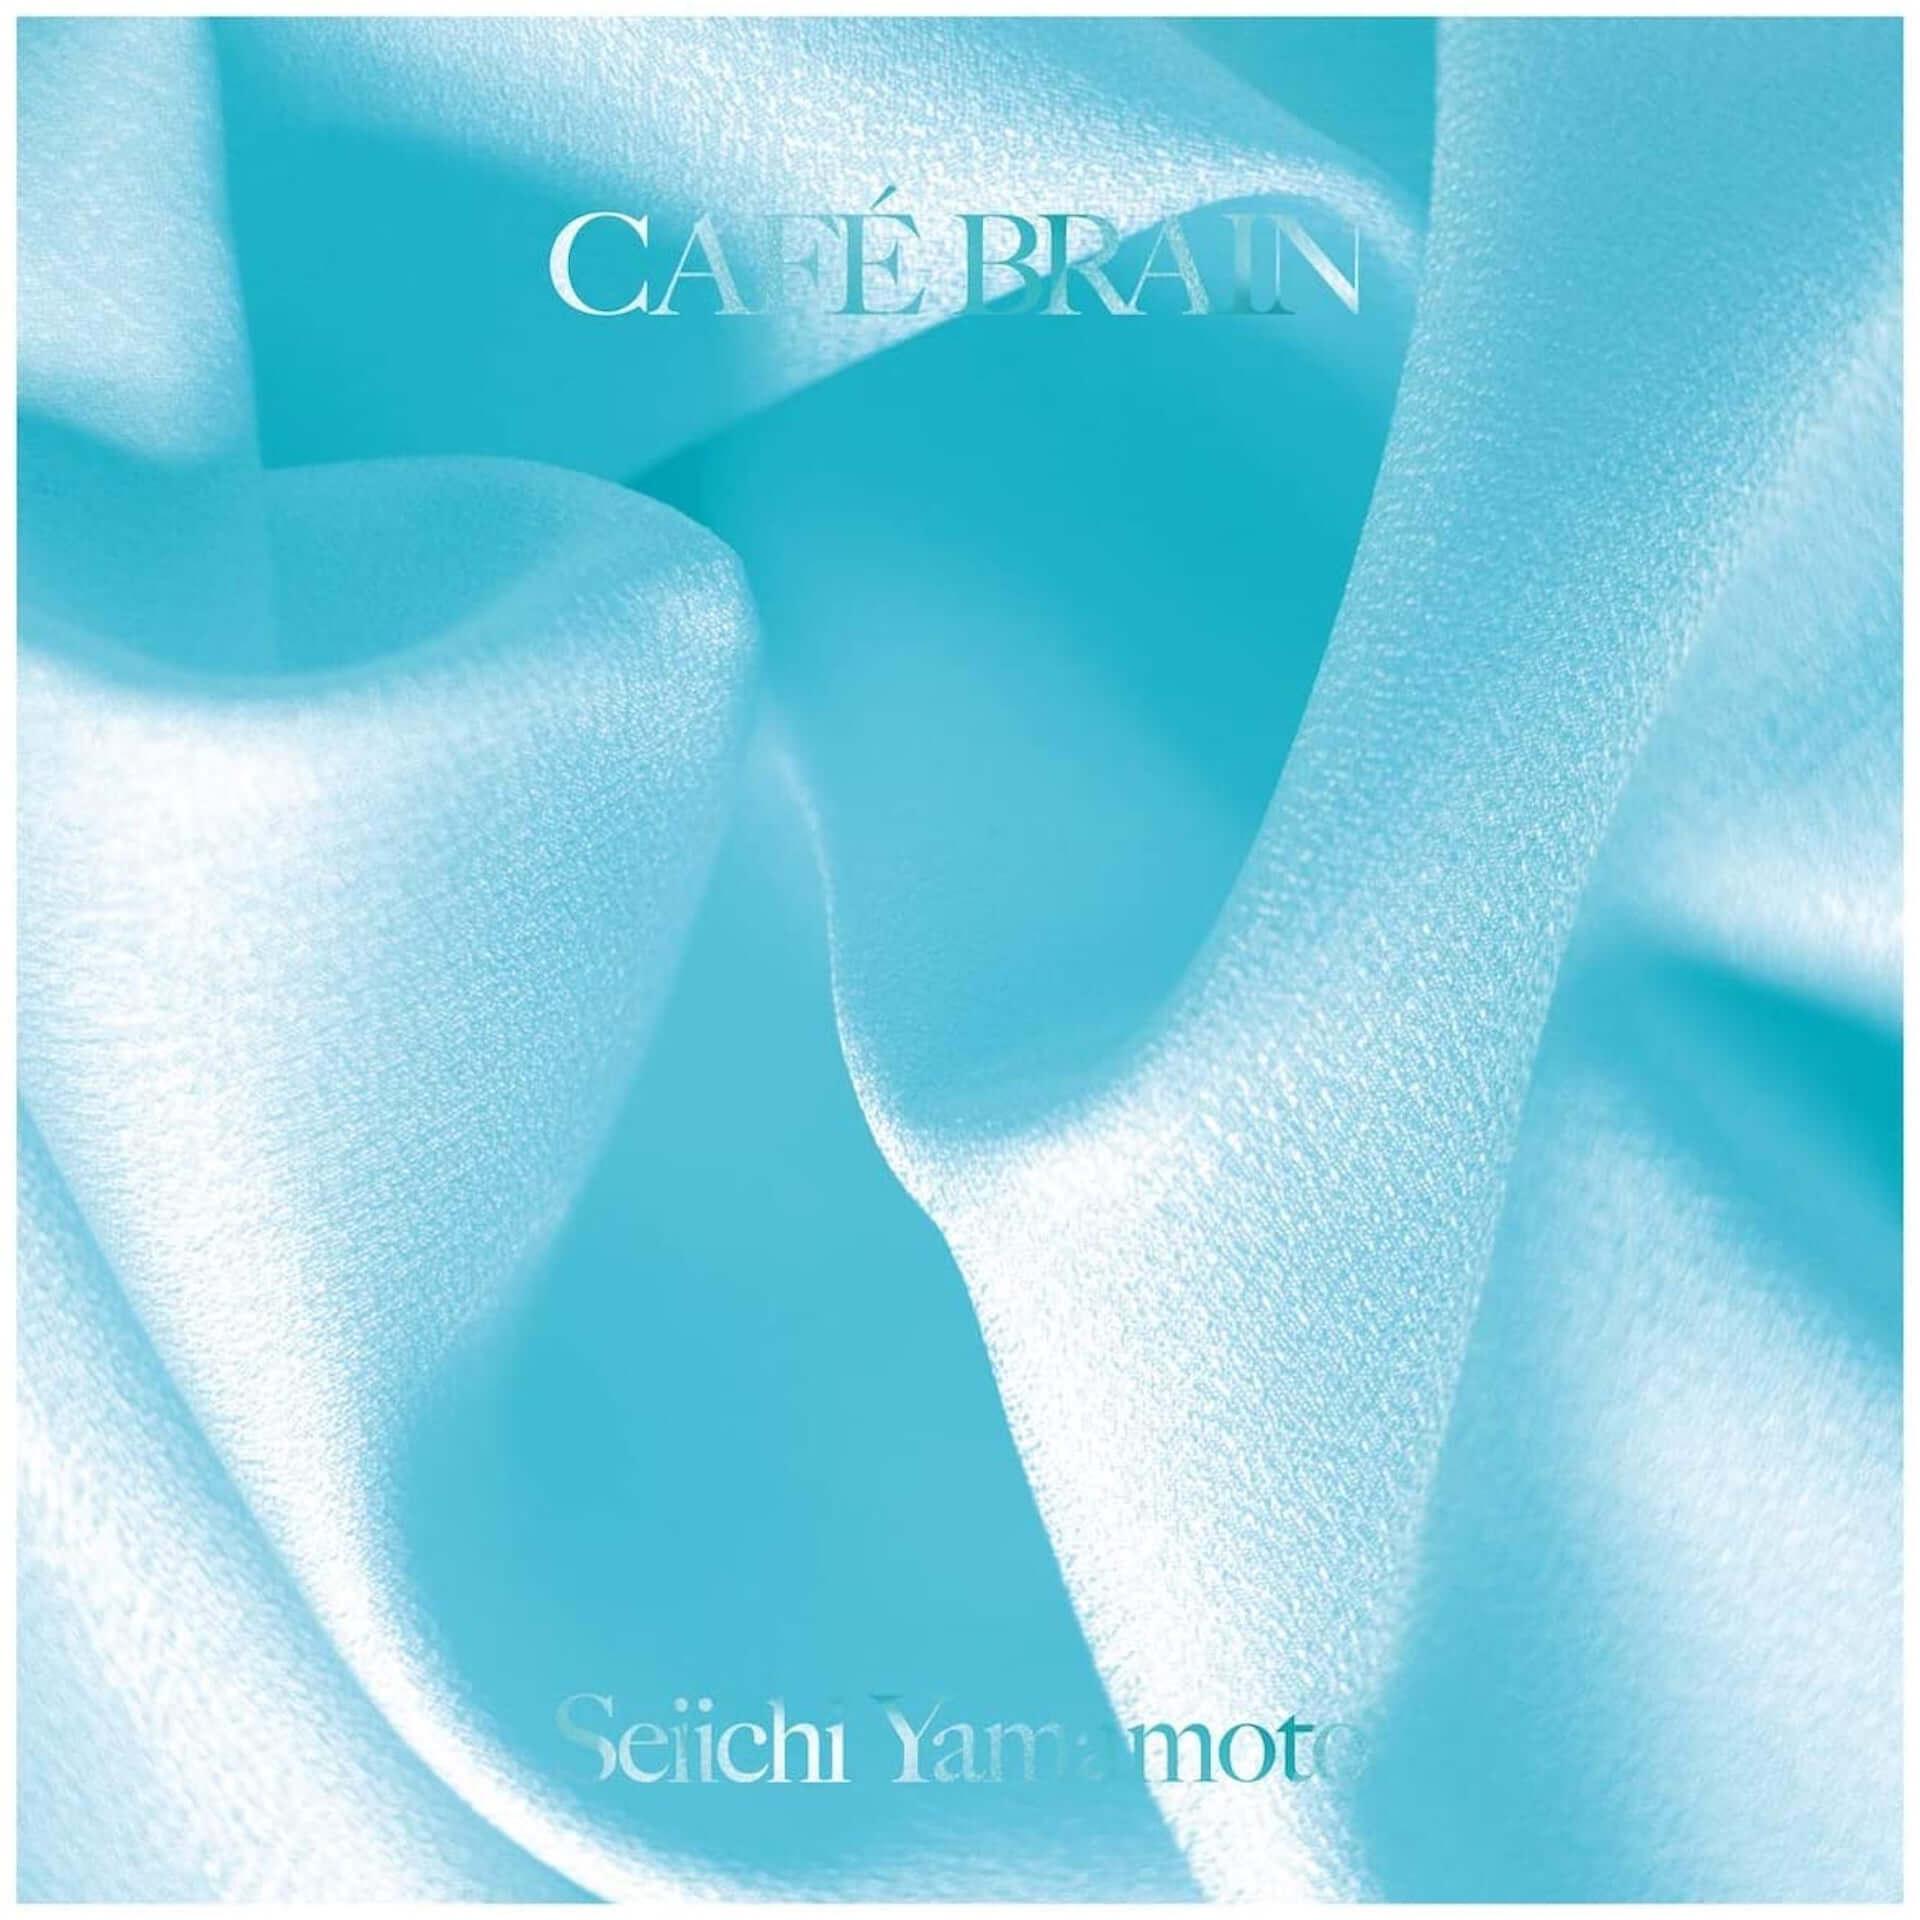 山本精一『CAFÉ BRAIN』のリリース記念企画がSUPER DOMMUNEにて開催決定!大友良英、MOODMANらも出演 music200713_seiichiyamamoto_dommune_1-1920x1920